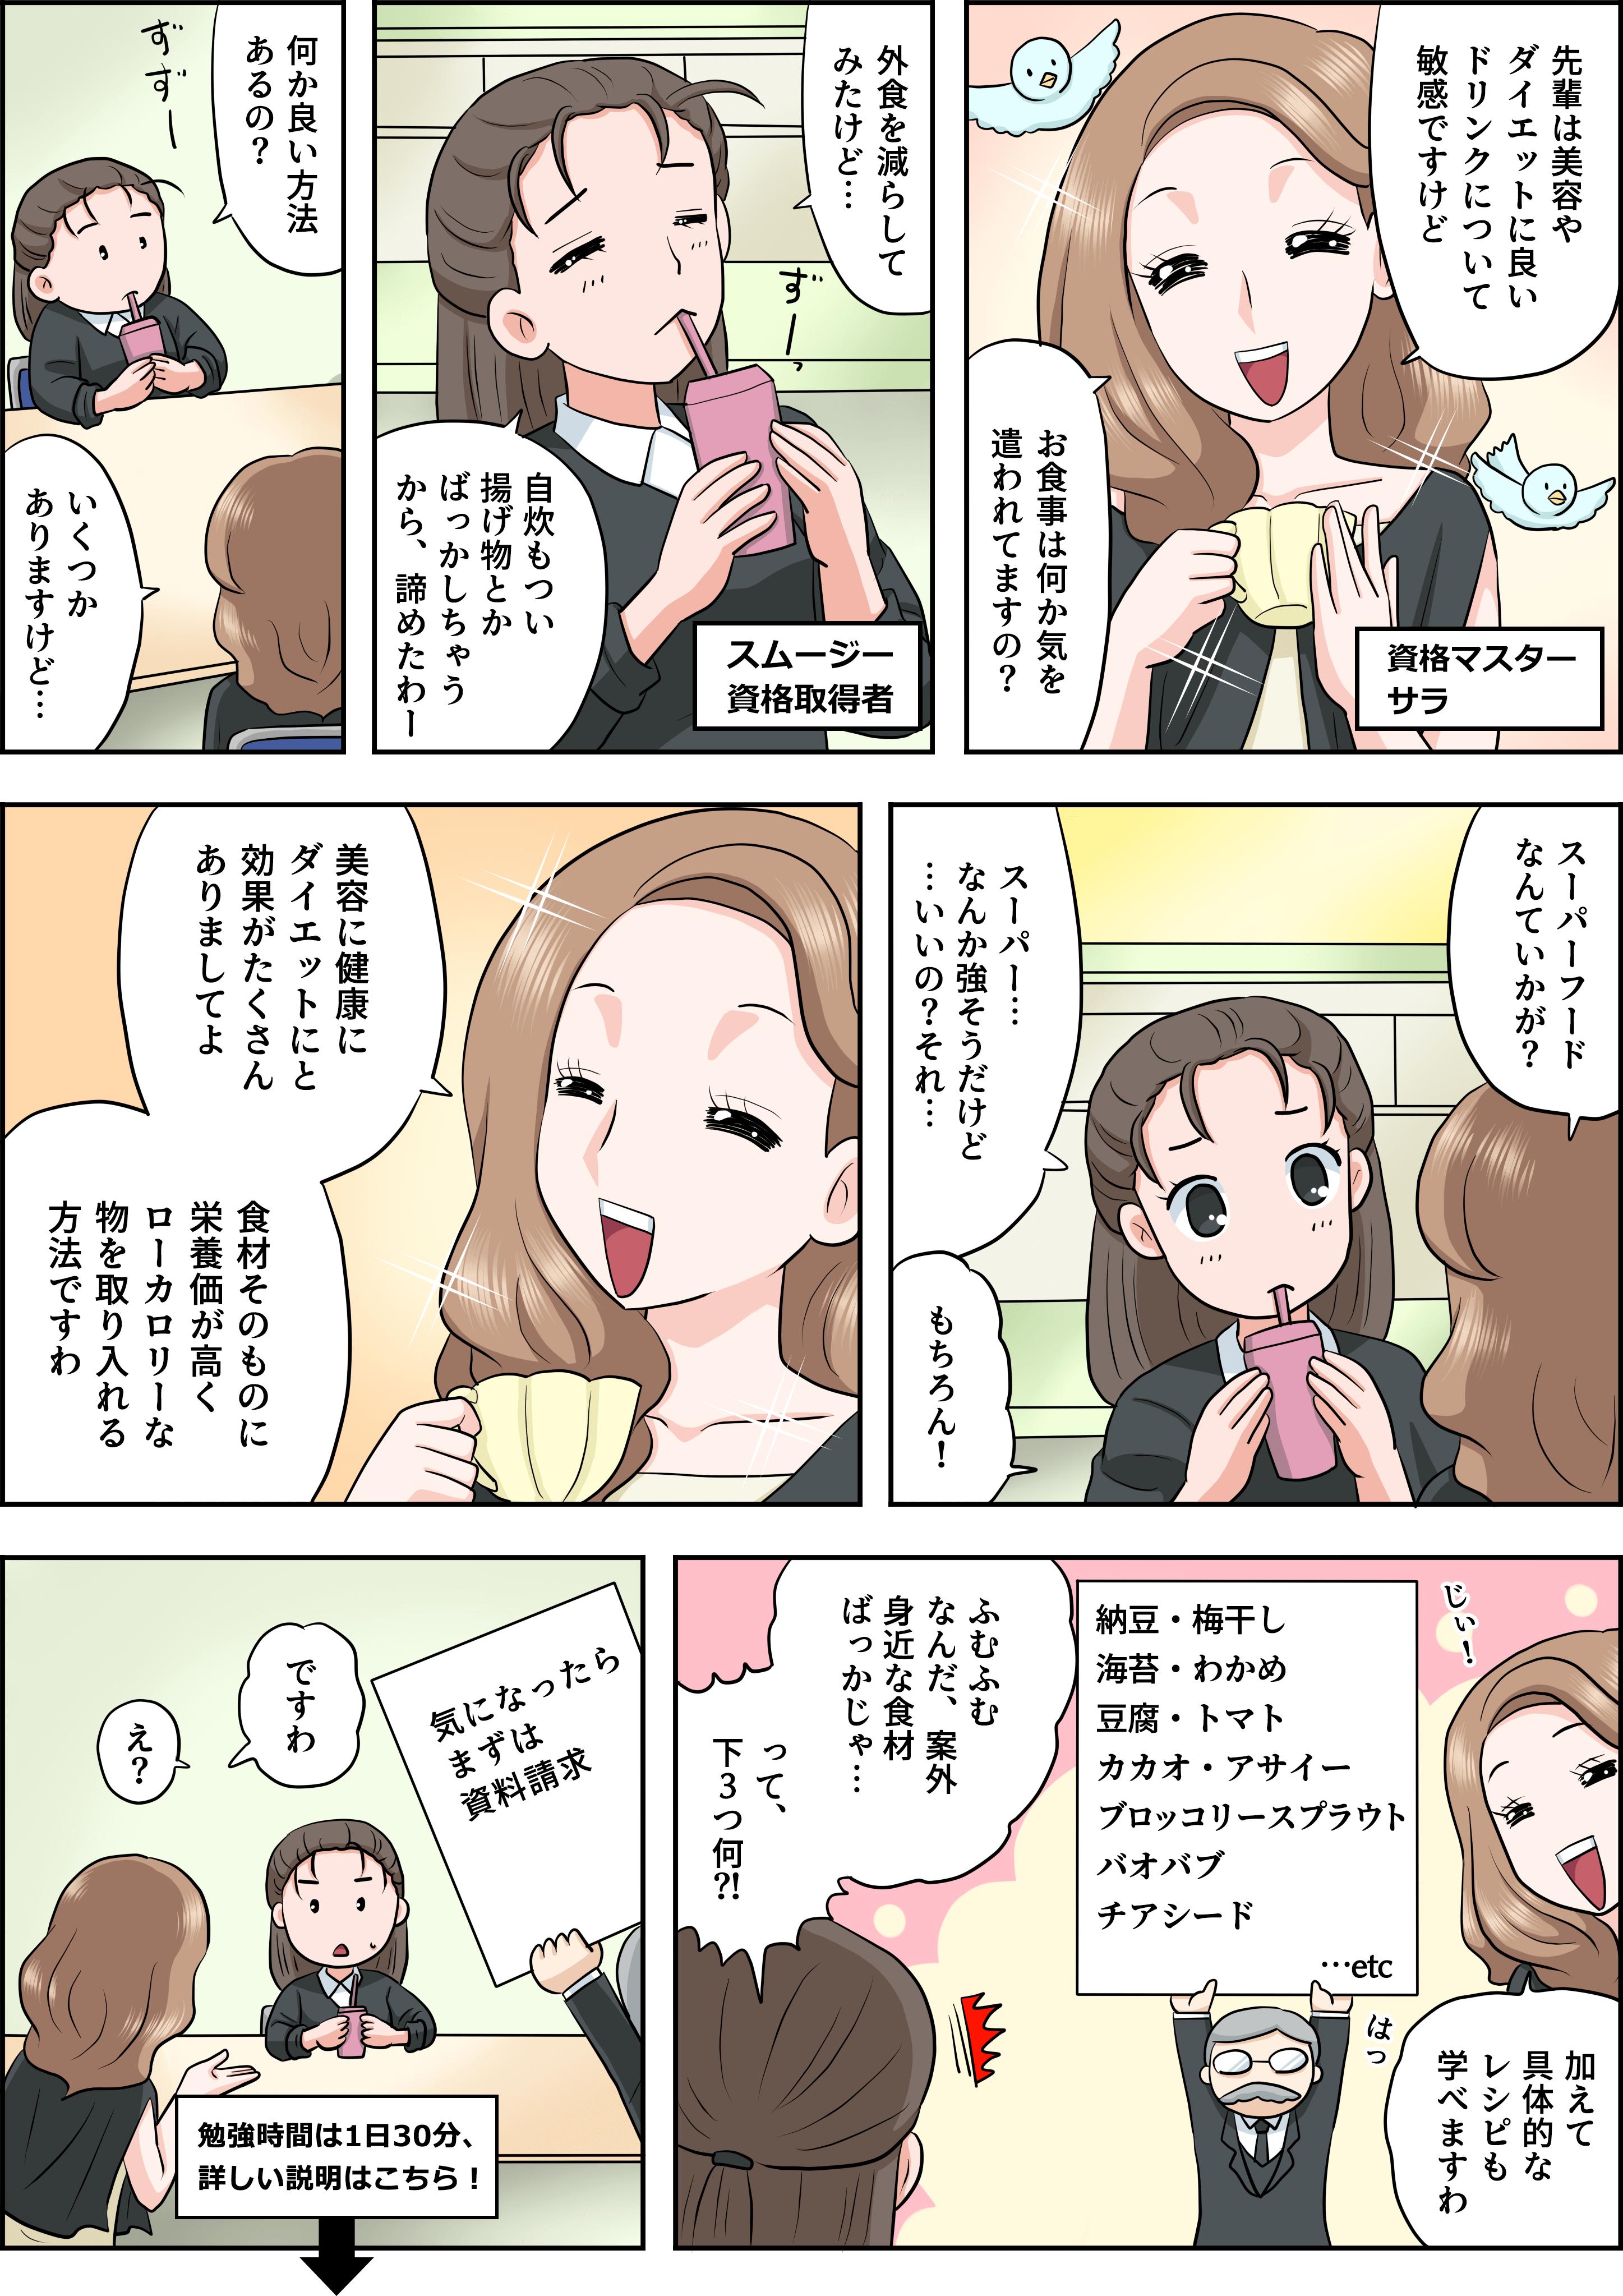 スーパーフード資格の漫画